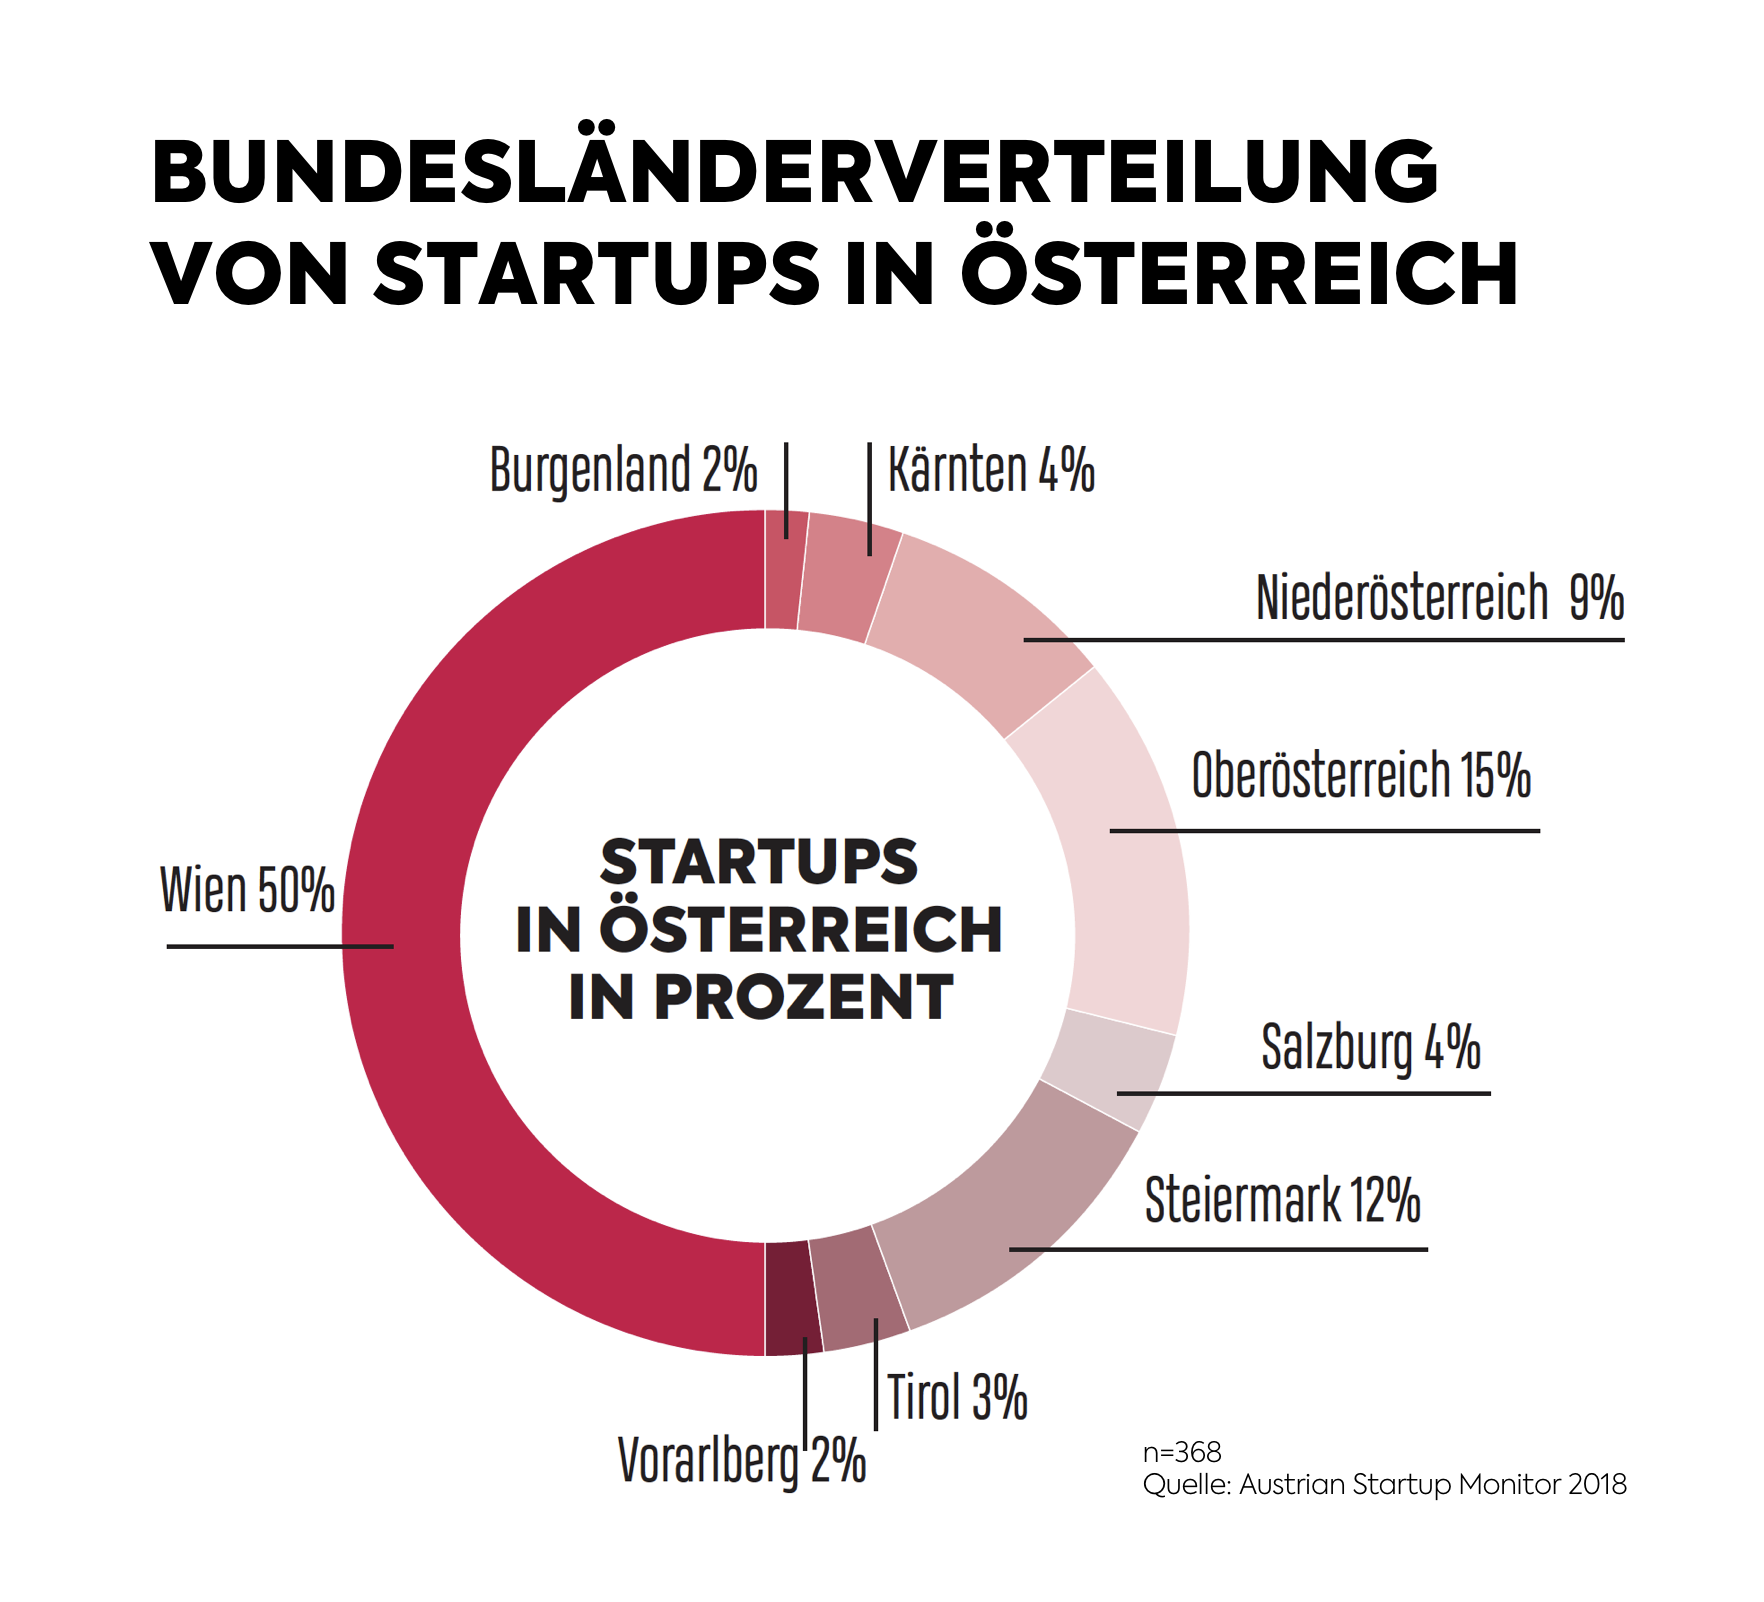 1. Austrian Startup Monitor - Bundesländer